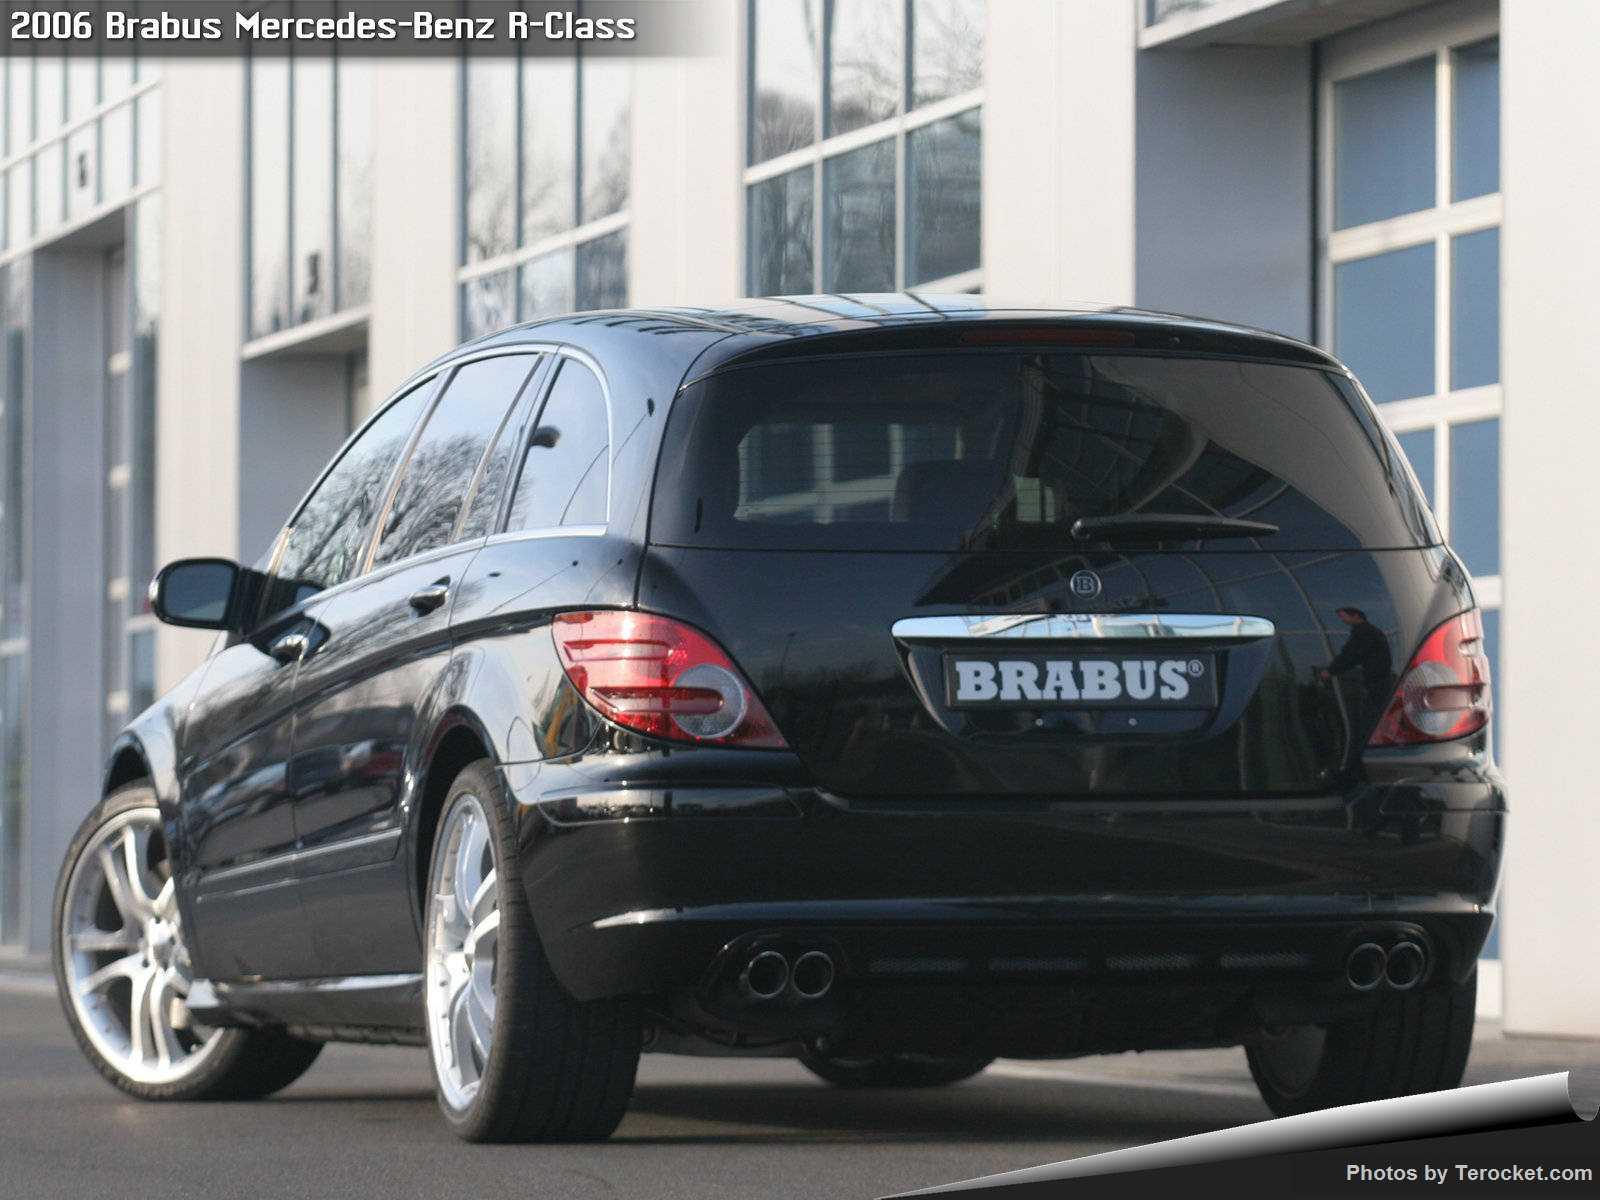 Hình ảnh xe ô tô Brabus Mercedes-Benz R-Class 2006 & nội ngoại thất